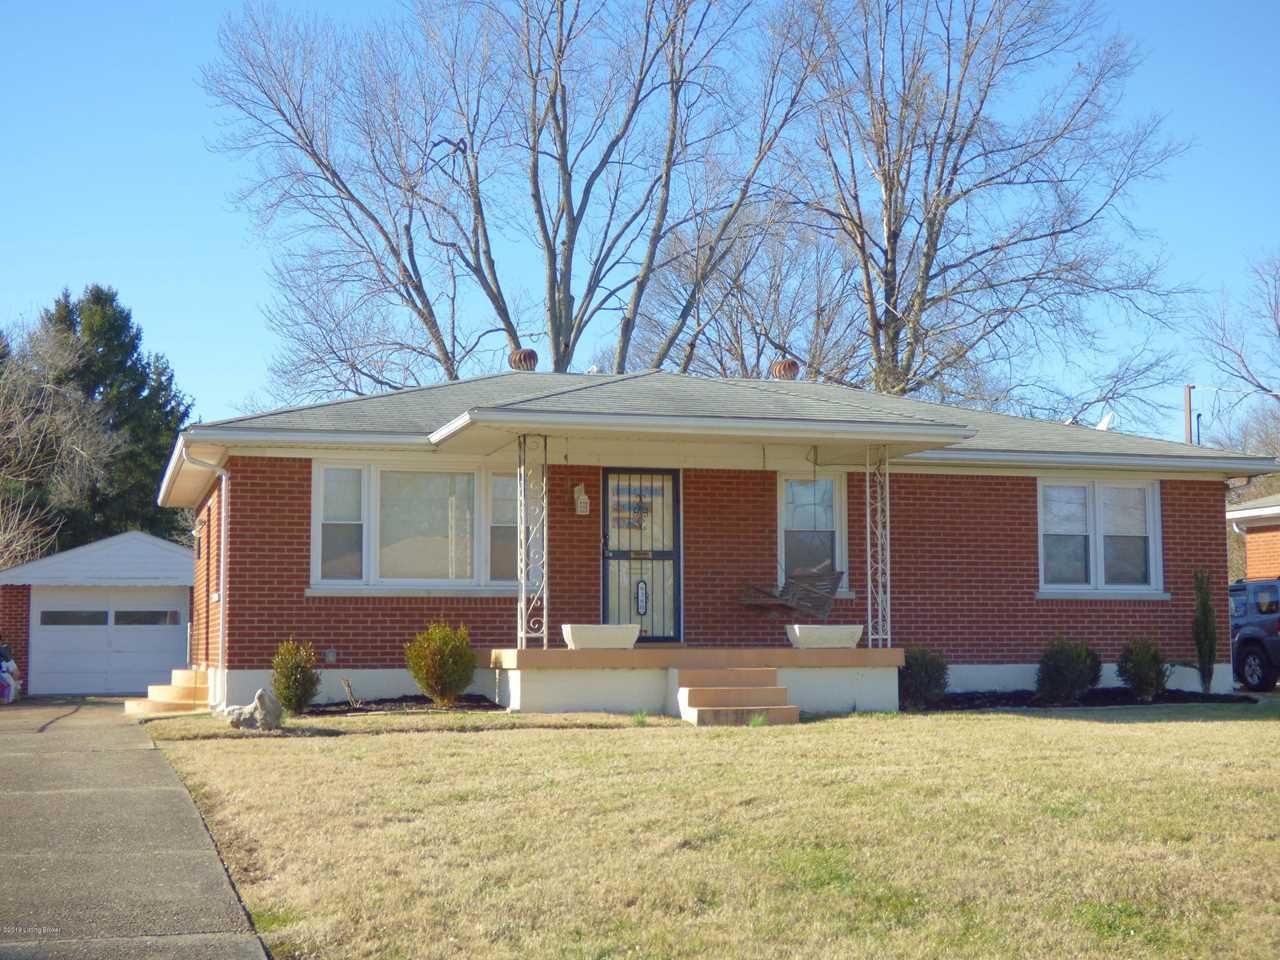 8380 Dorinda Dr Louisville, KY 40258 | MLS 1522022 Photo 1